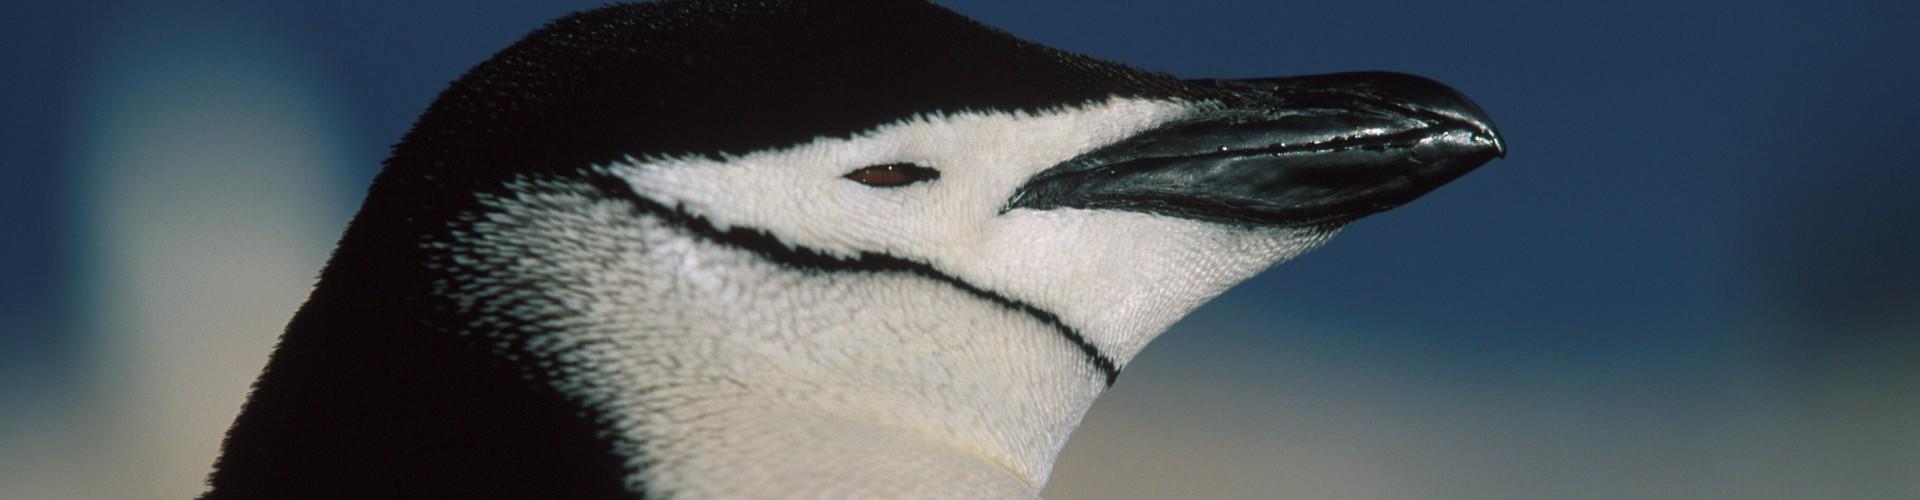 AN - Gen - Oceanwide - Chinstrap penguin by Franco Banfi